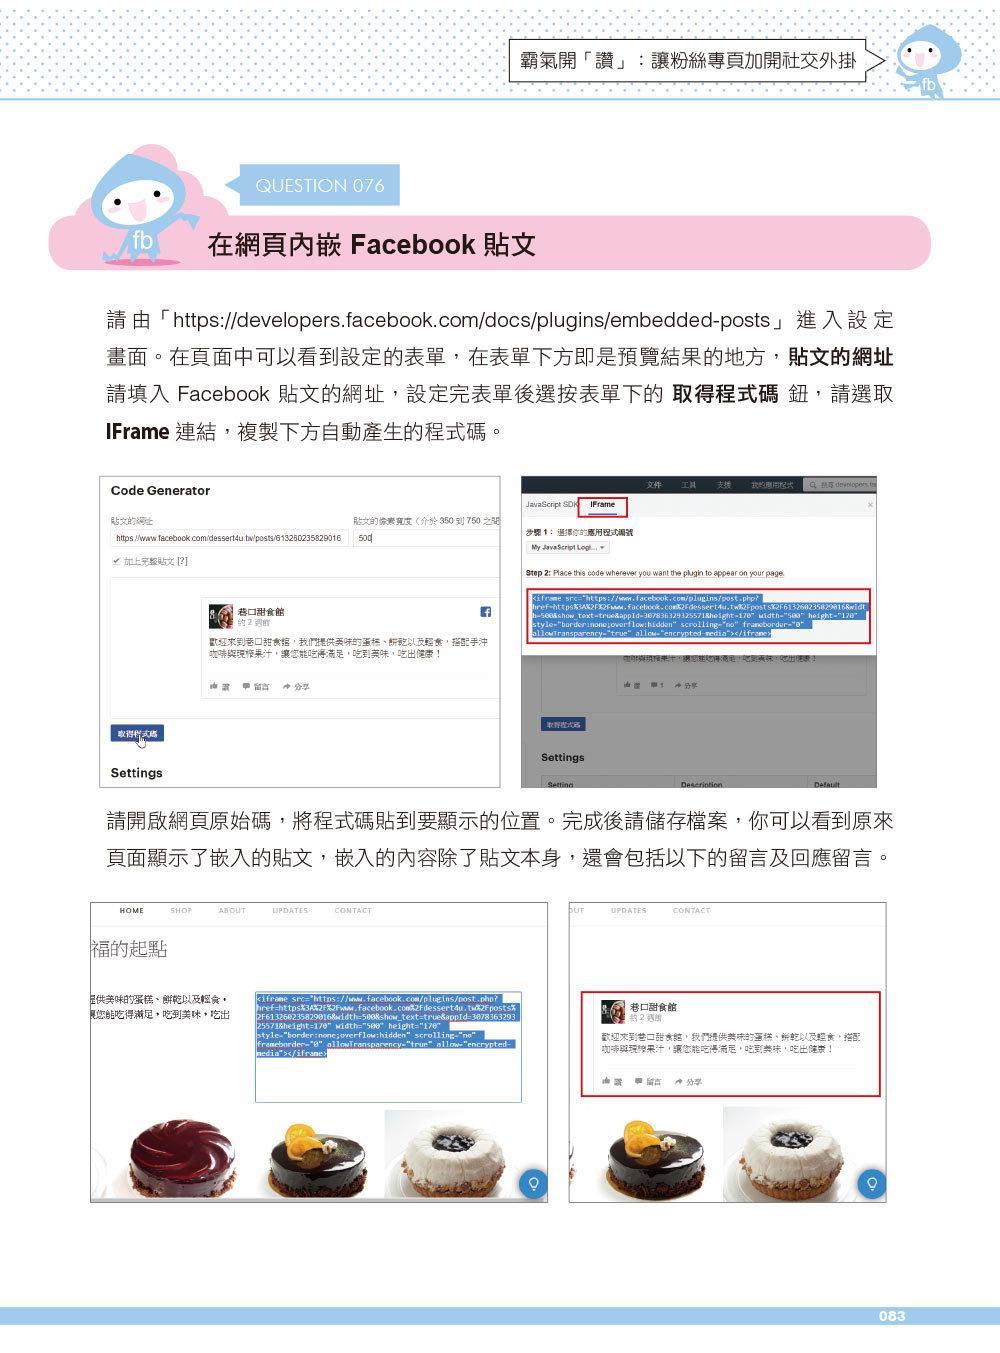 超人氣 Facebook 粉絲專頁行銷加油讚 - 解鎖社群行銷困局+突破粉絲經營盲點=變身最神小編難波萬! (第五版)-preview-6